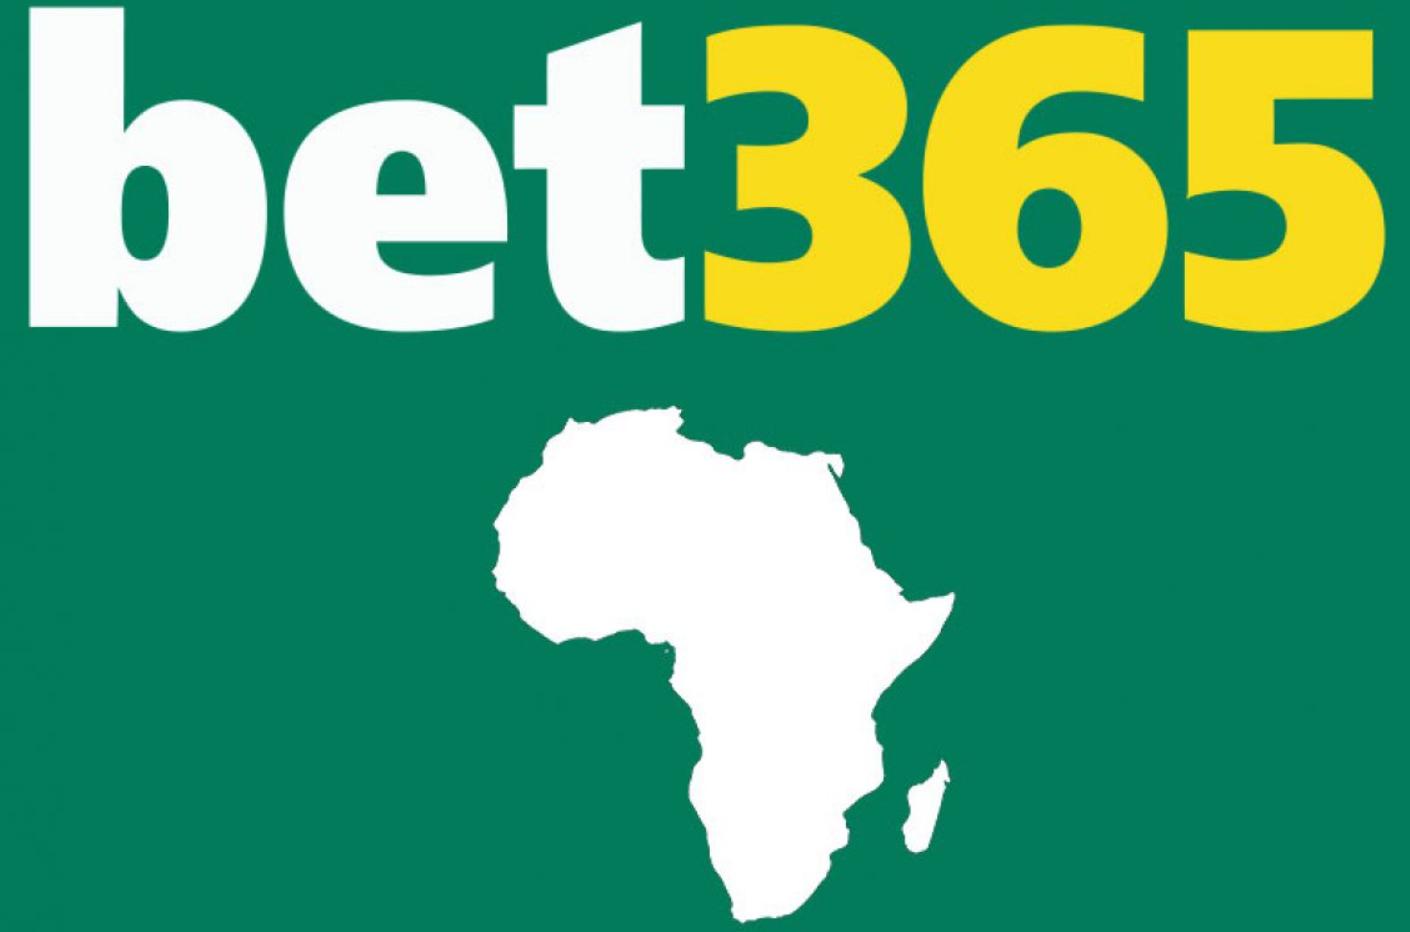 مكافأة التسجيل — الفوائد الرئيسية من Bet365